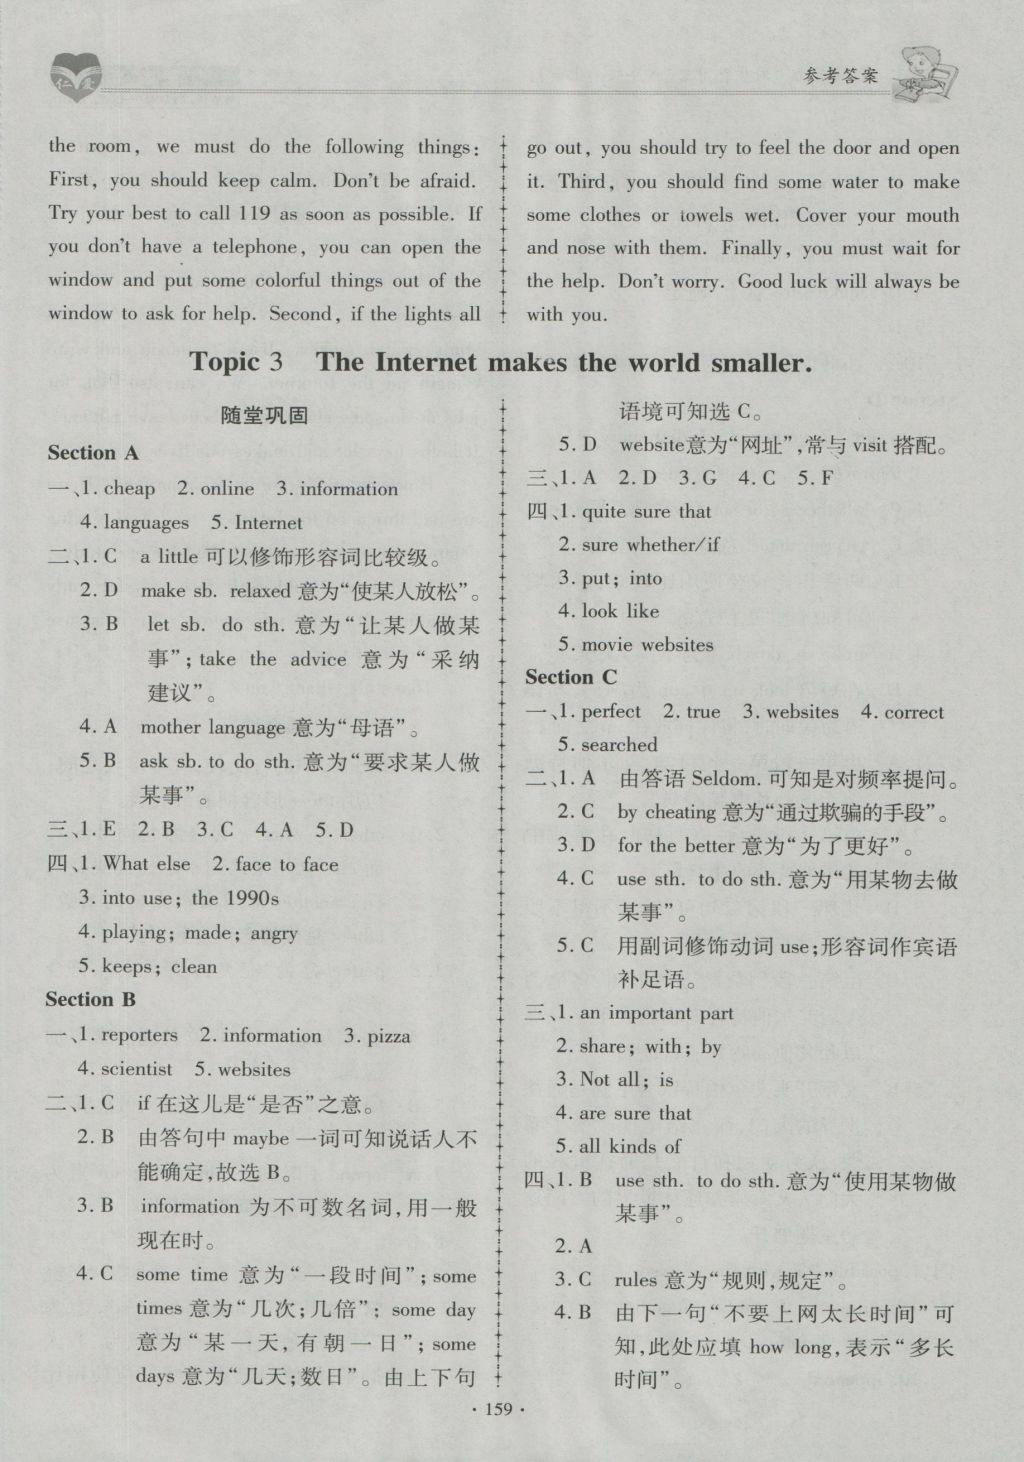 2016年仁爱英语同步练习册八年级上册E参考答案第29页